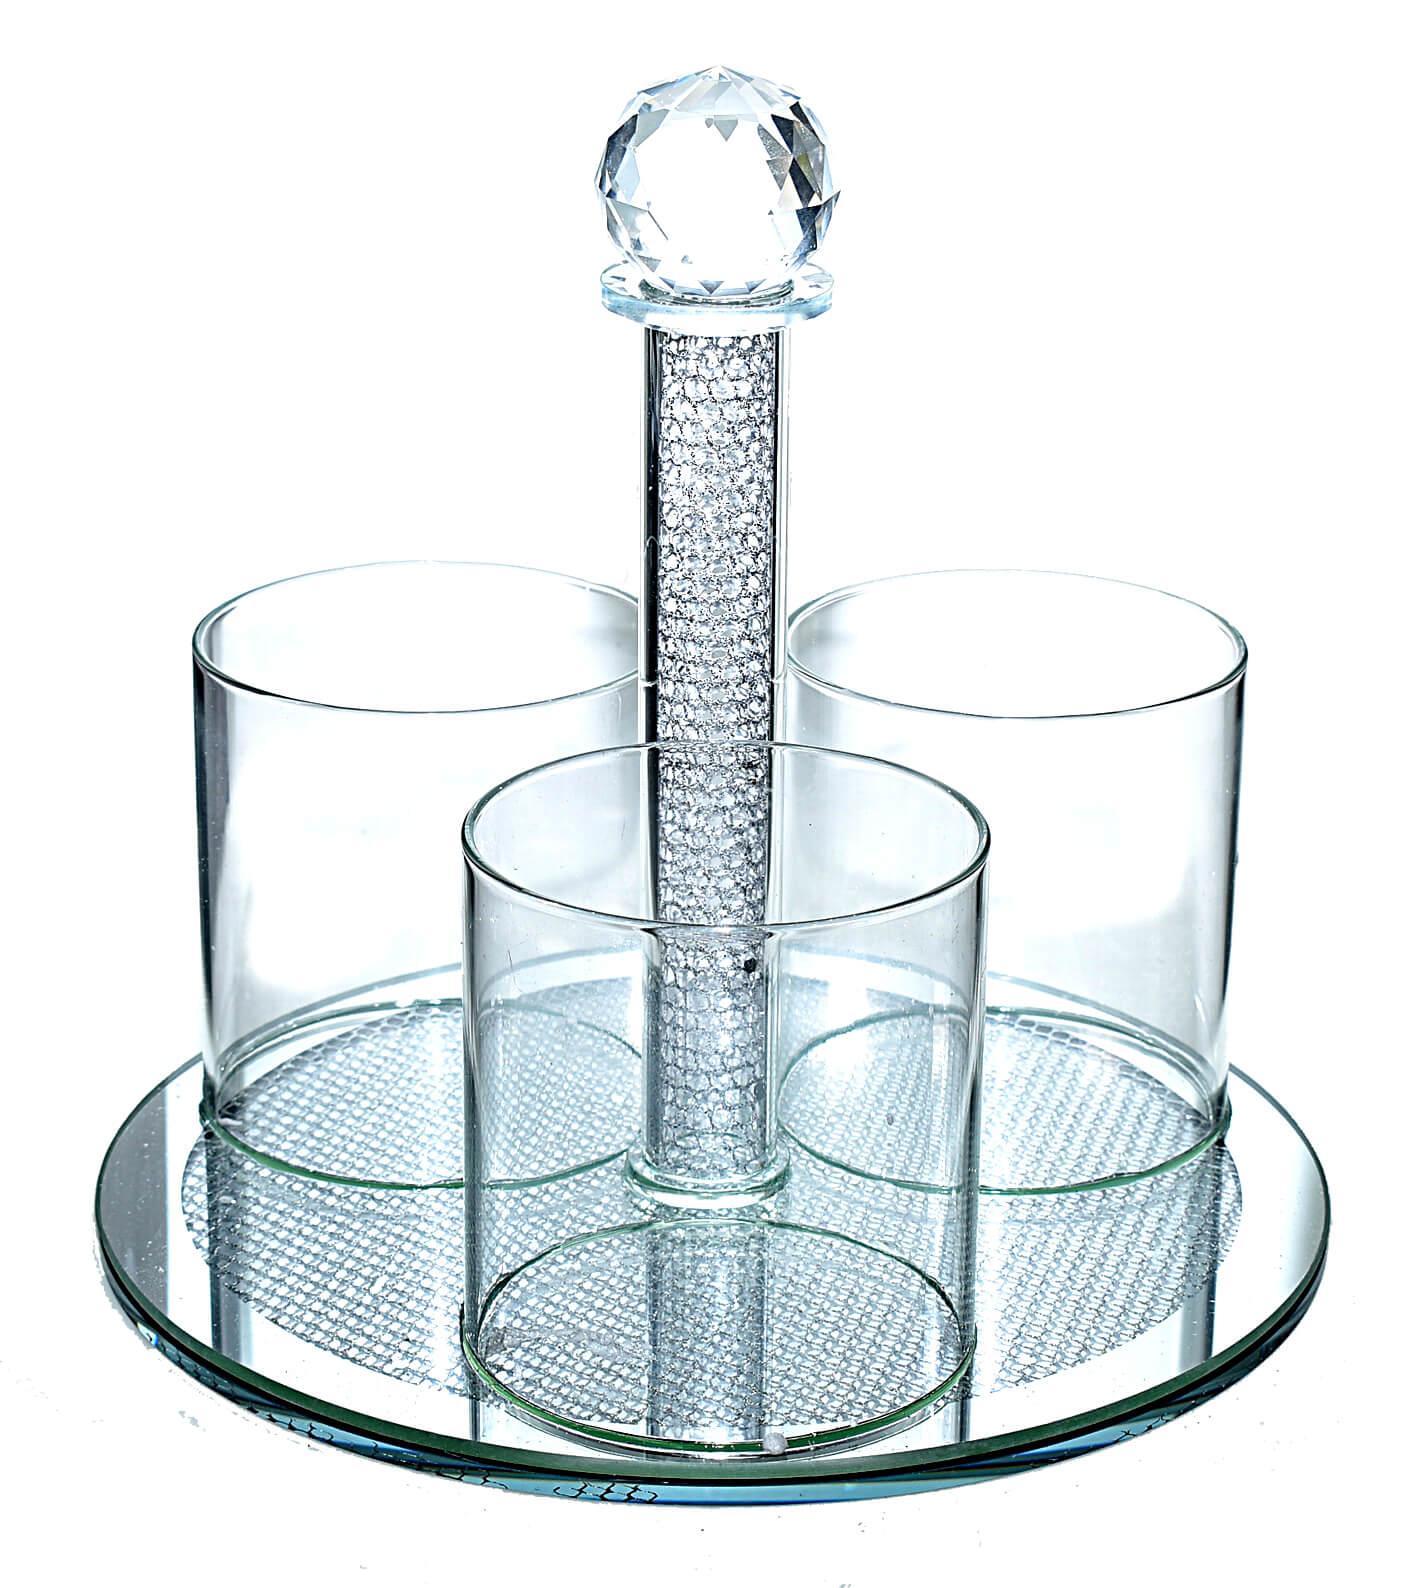 מעמד קריסטל לשולחן 3 תאים